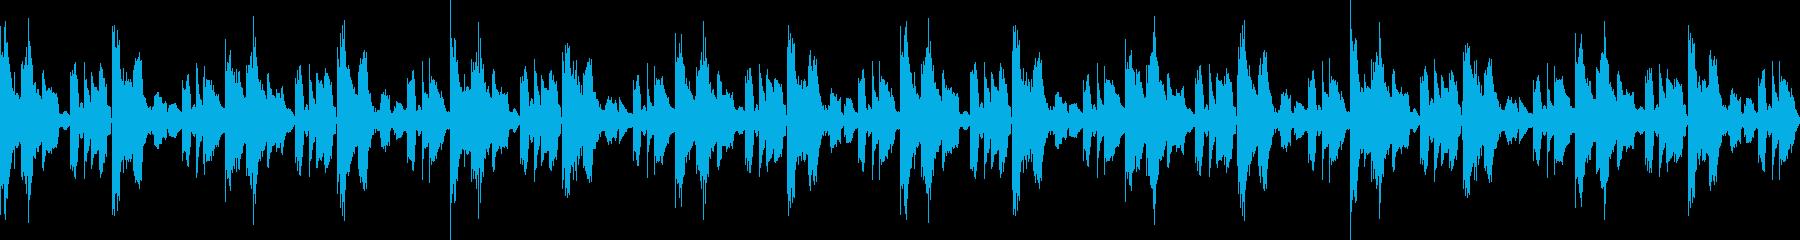 ナチュラルマイルドヒップホップ(ループ)の再生済みの波形